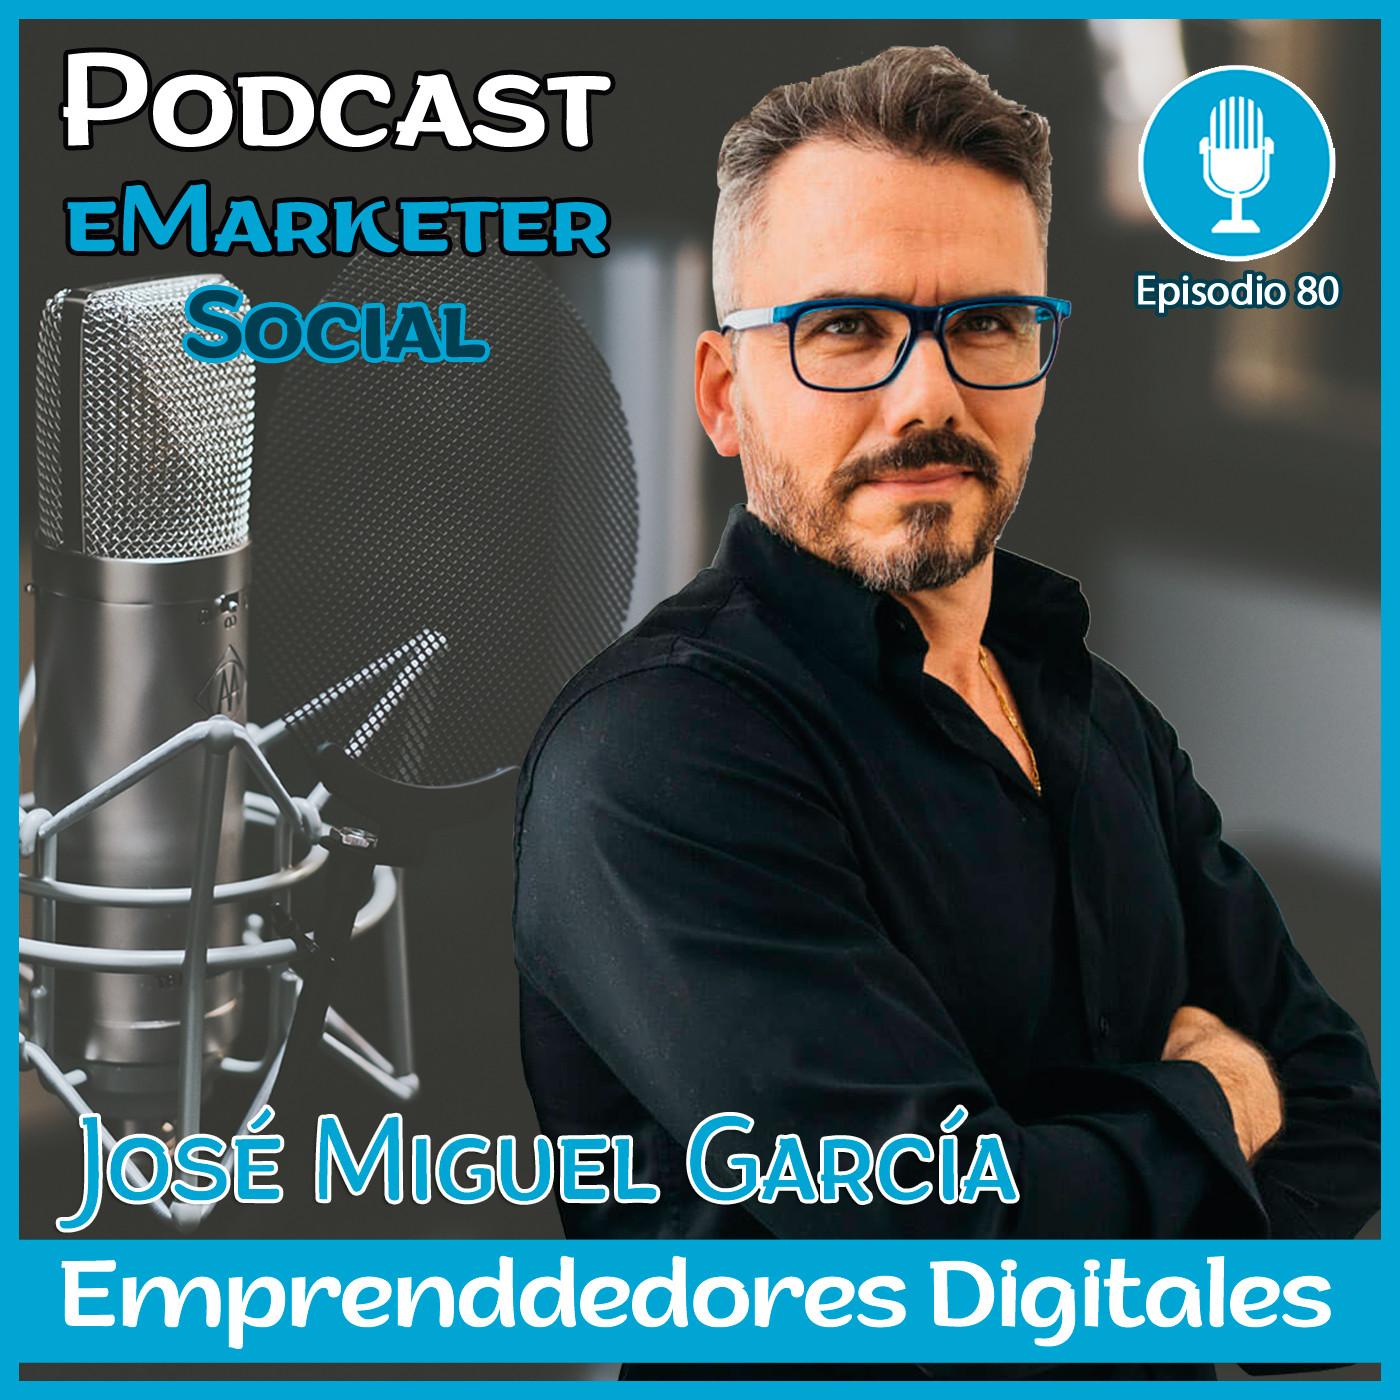 080 José Miguel García Mentor de Emprendedores 1a parte en Podcast eMarketerSocial